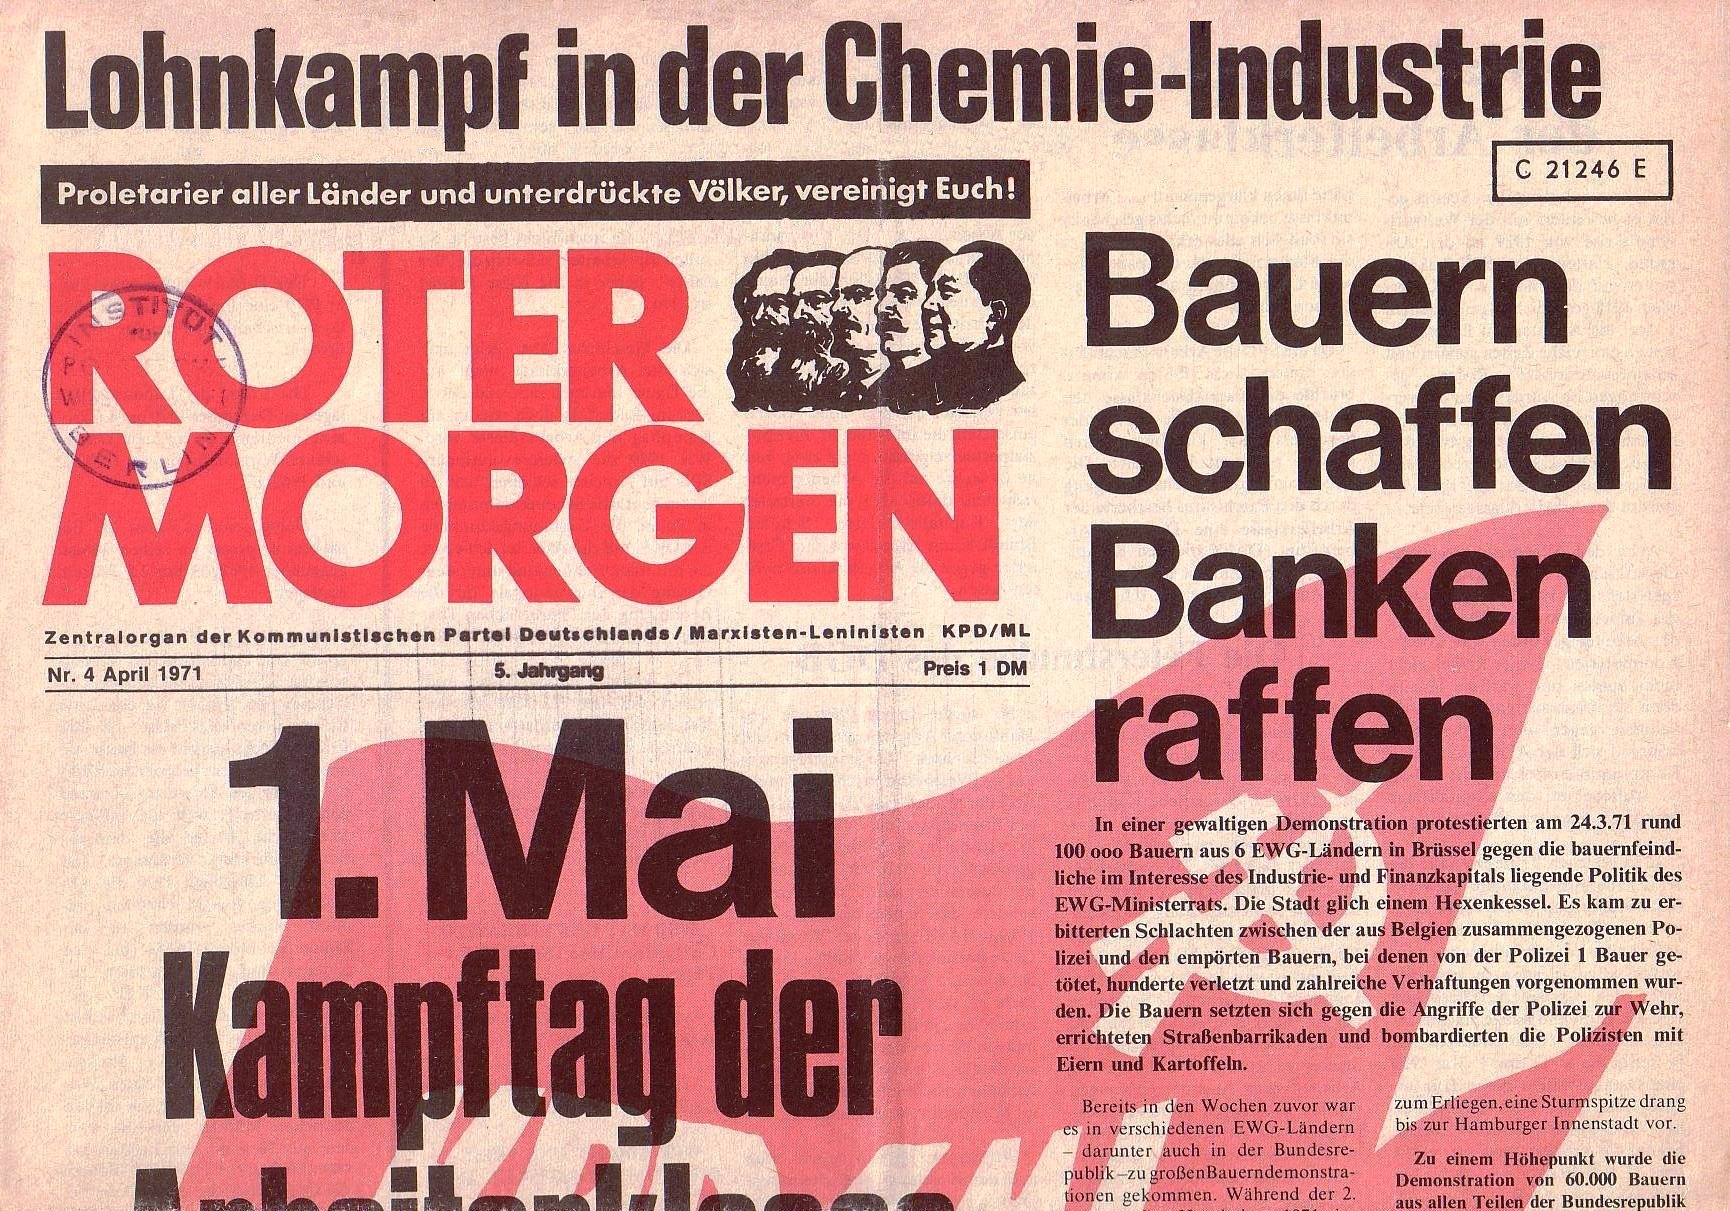 Roter Morgen, 5. Jg., April 1971, Nr. 4, Seite 1a